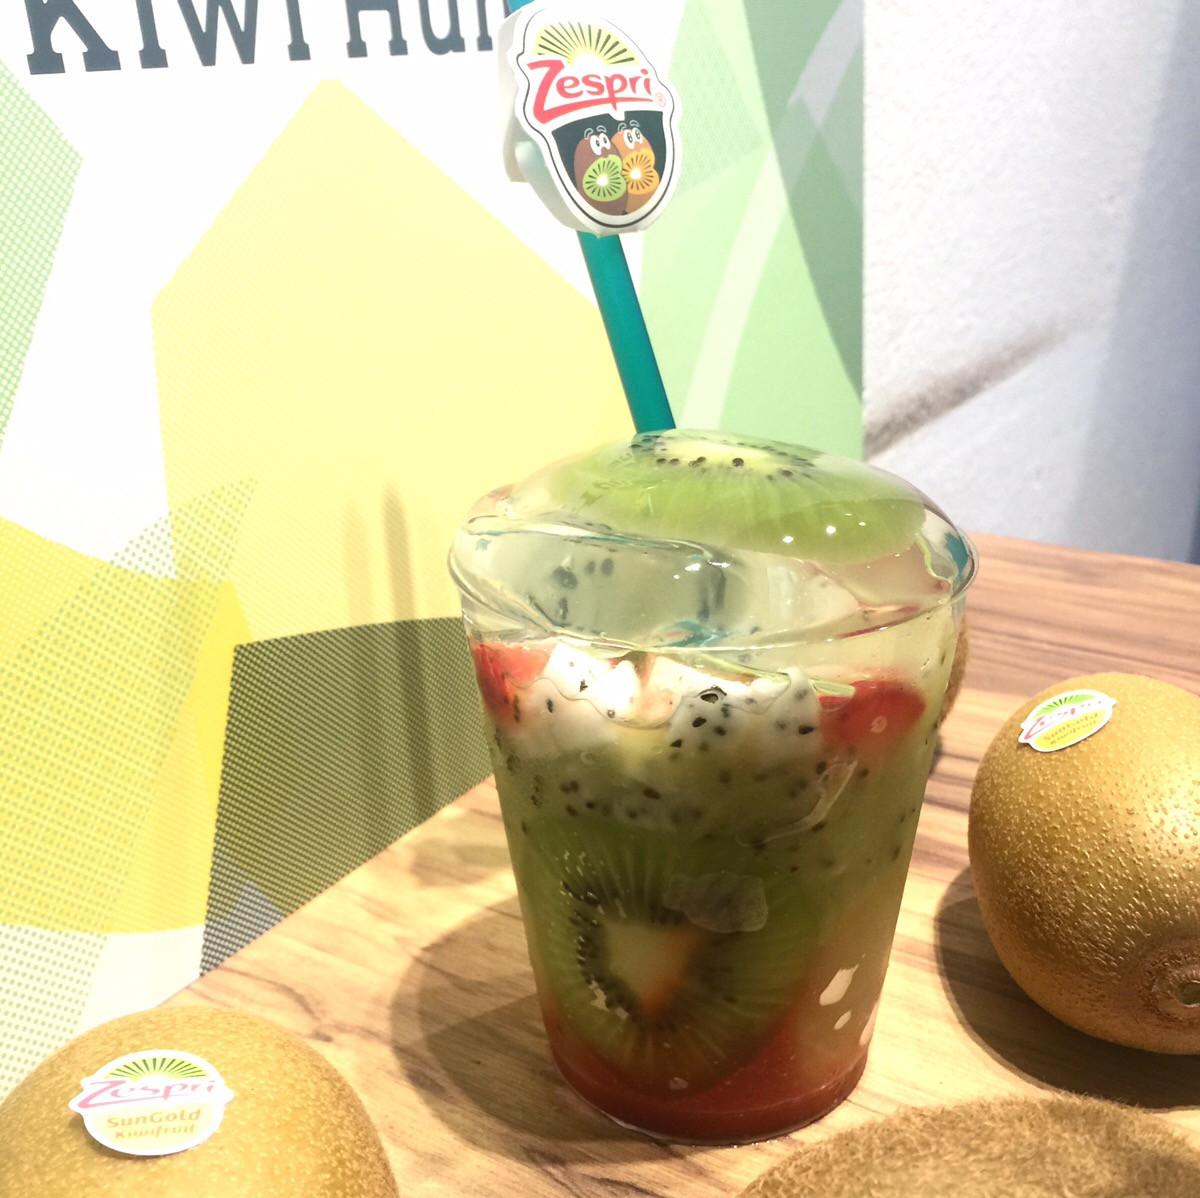 栄養豊富なキウイの魅力を再発見♪ 期間限定「Zespri Kiwi Hunt」がオープン_1_2